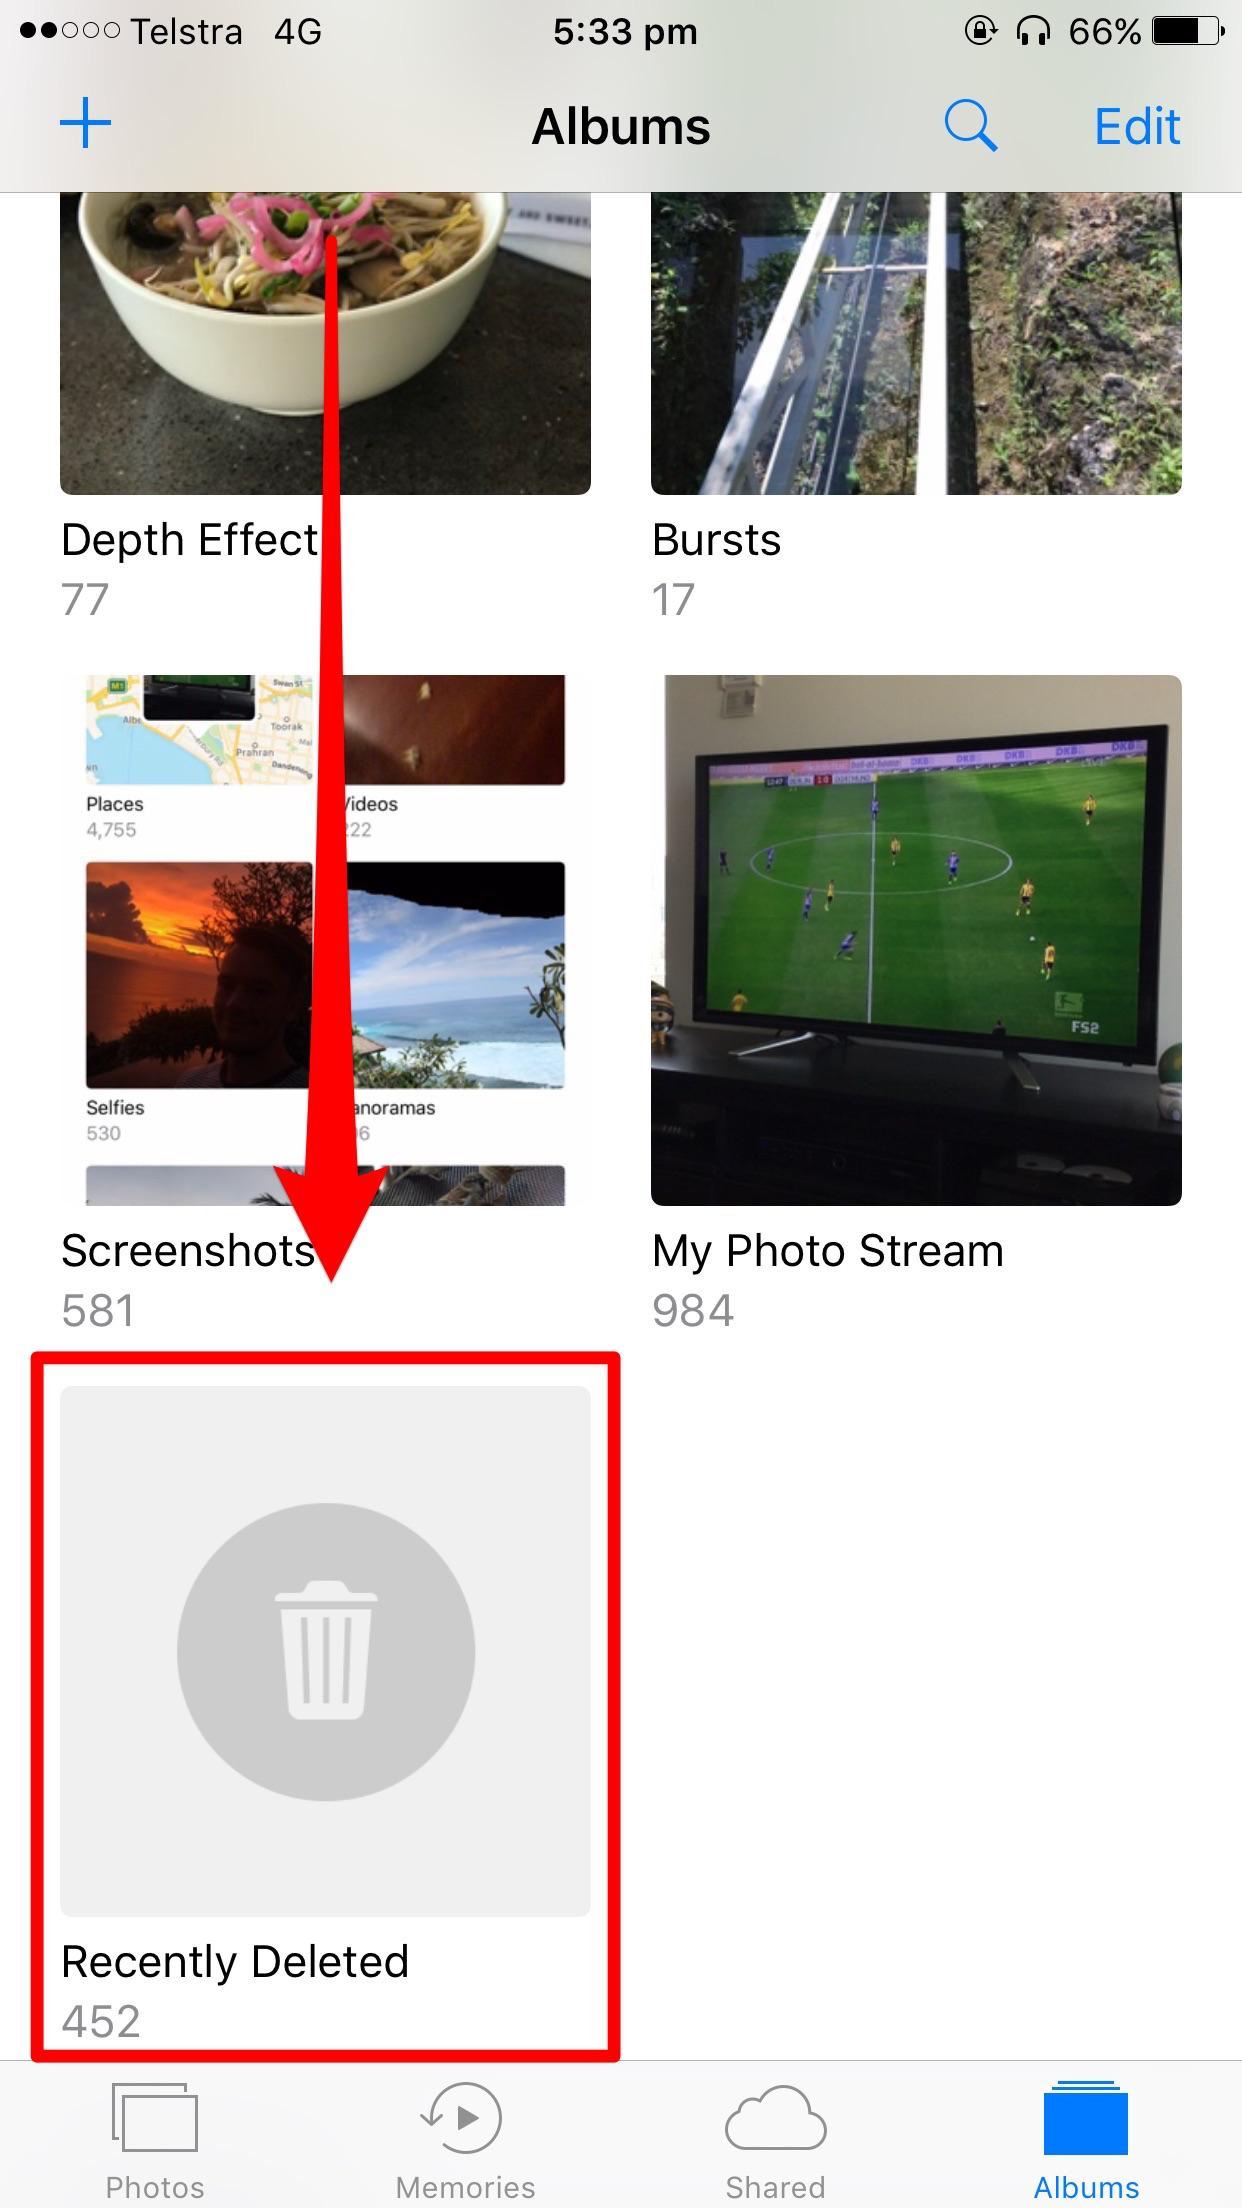 Recently deleted photos album